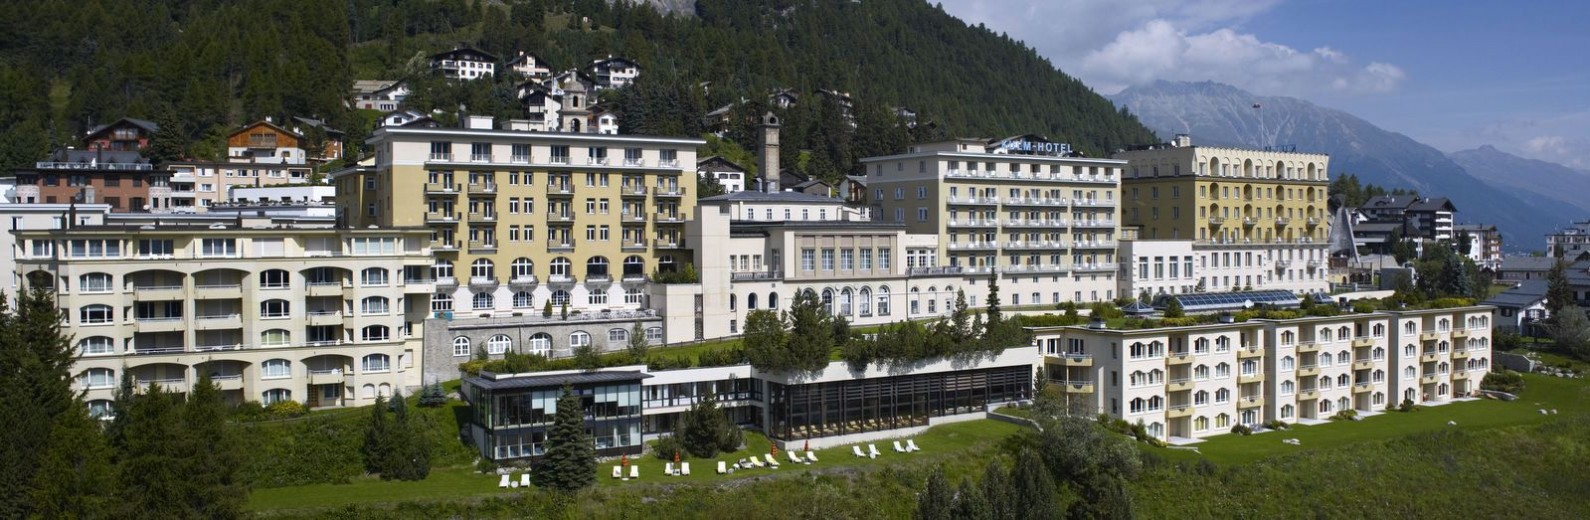 Kulm Hotel Summer Exterior